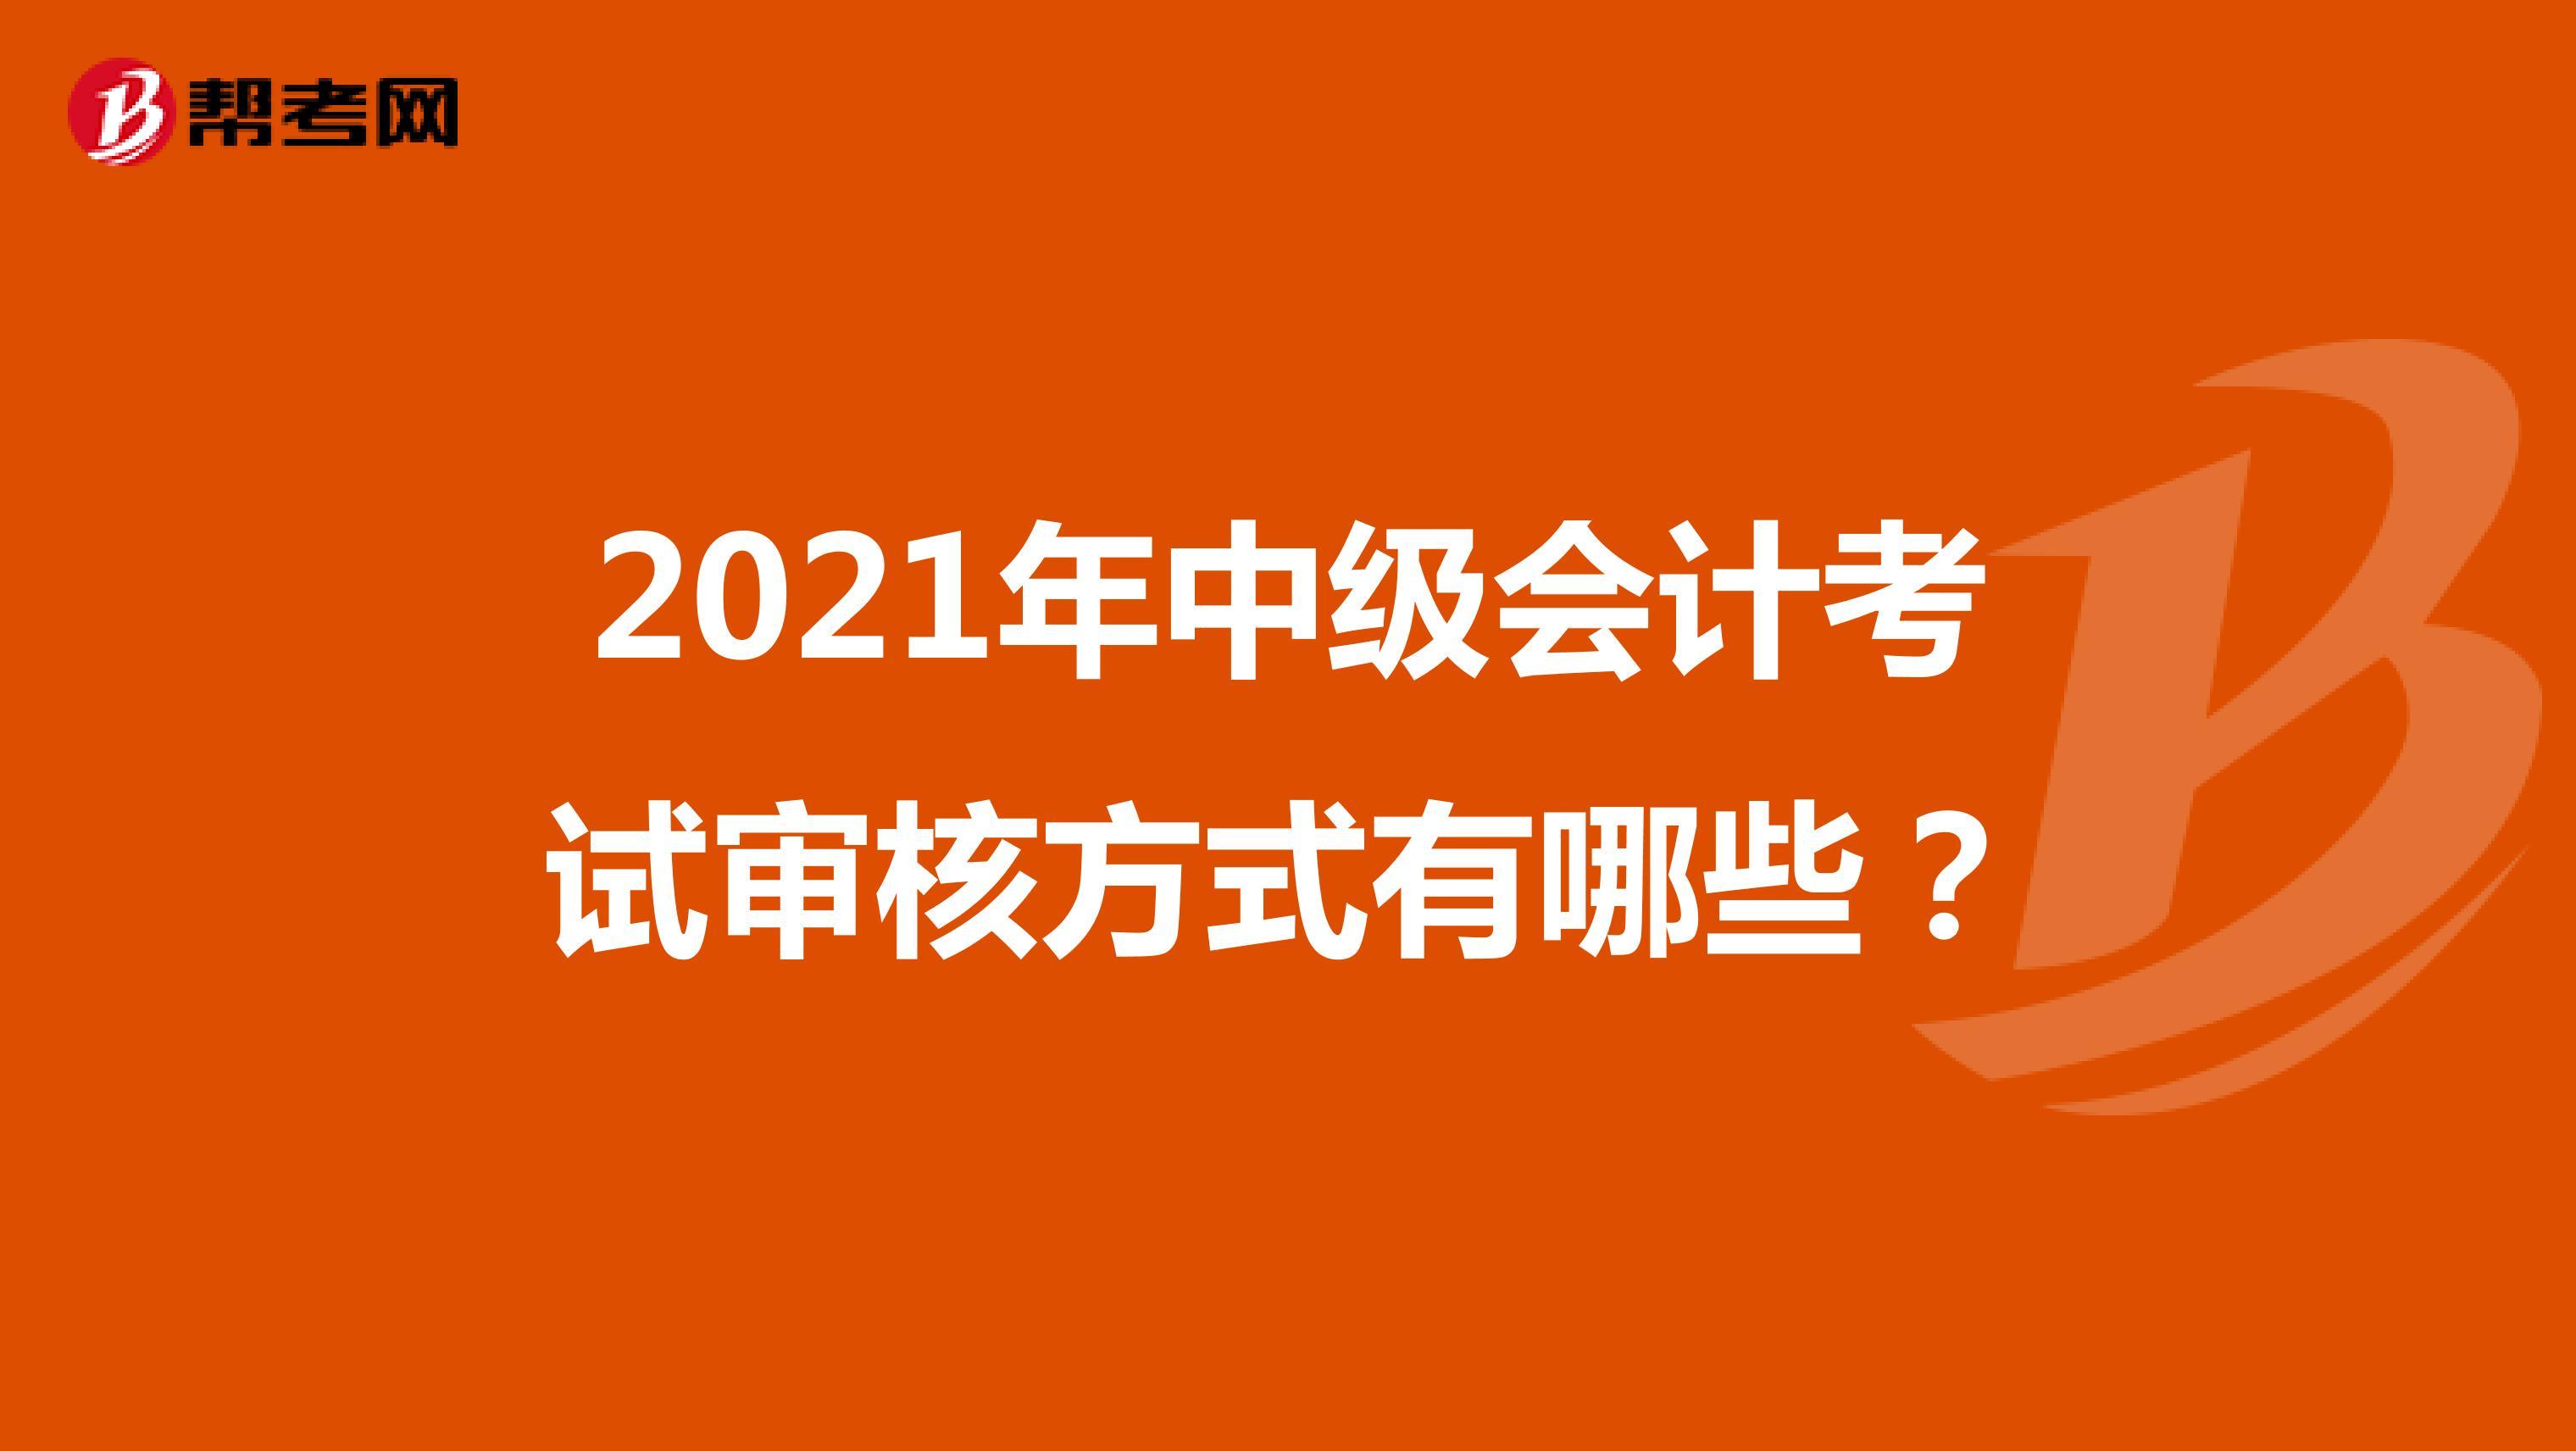 2021年中級會計考試審核方式有哪些?